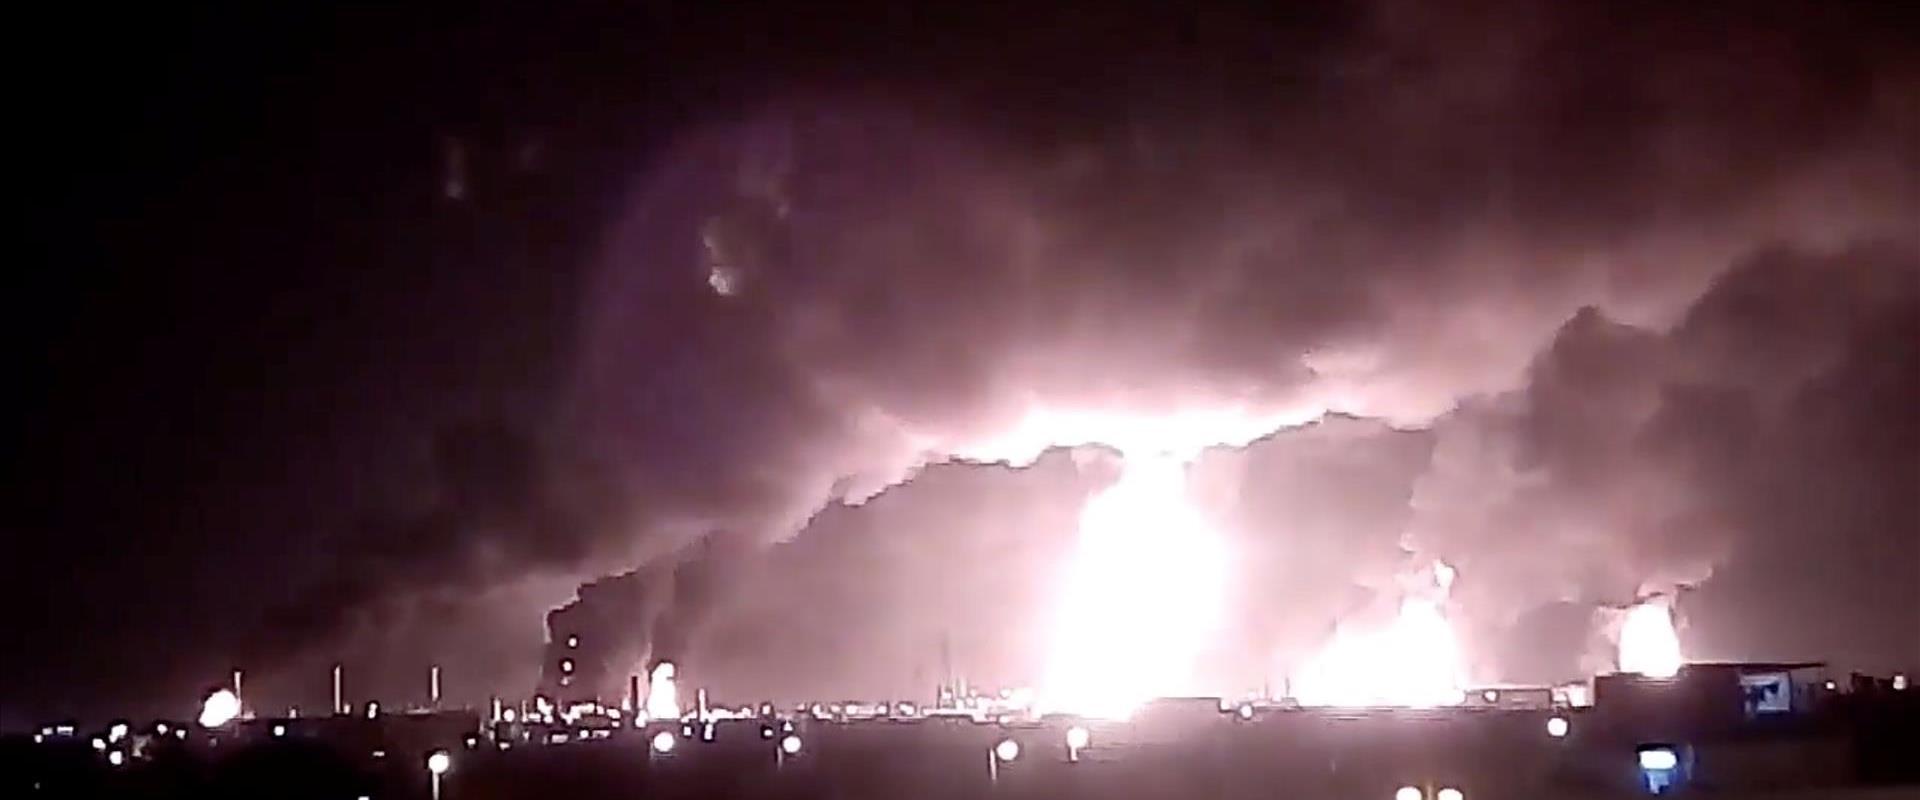 תקיפת מתקני הנפט בסעודיה ביום שבת 14 בספטמבר